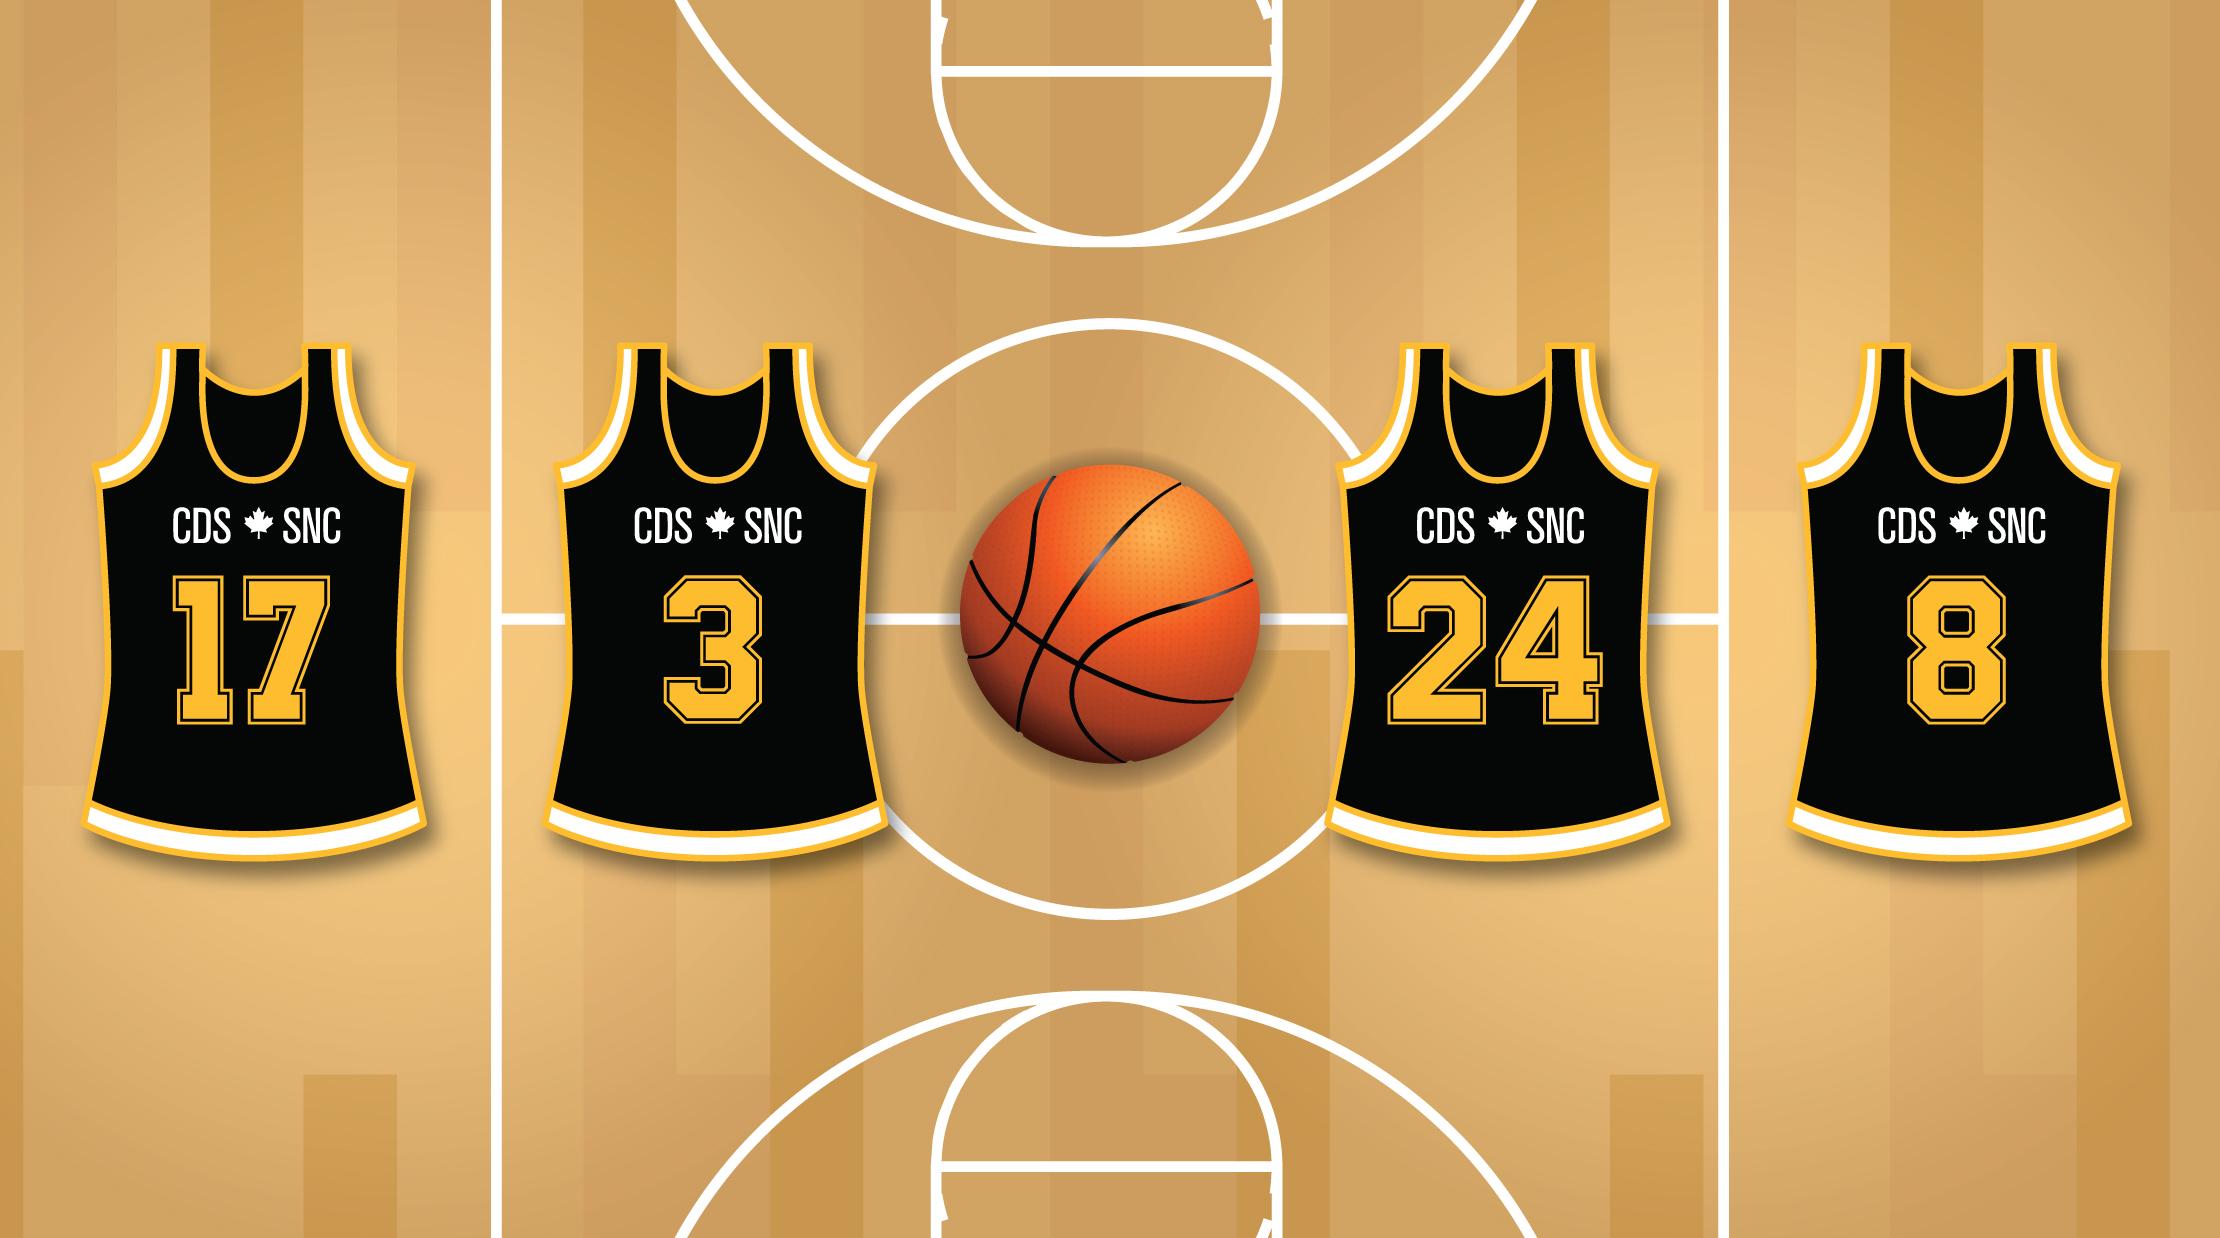 Un terrain de basketball avec un ballon et quatre dossards à l'effigie du SNC.